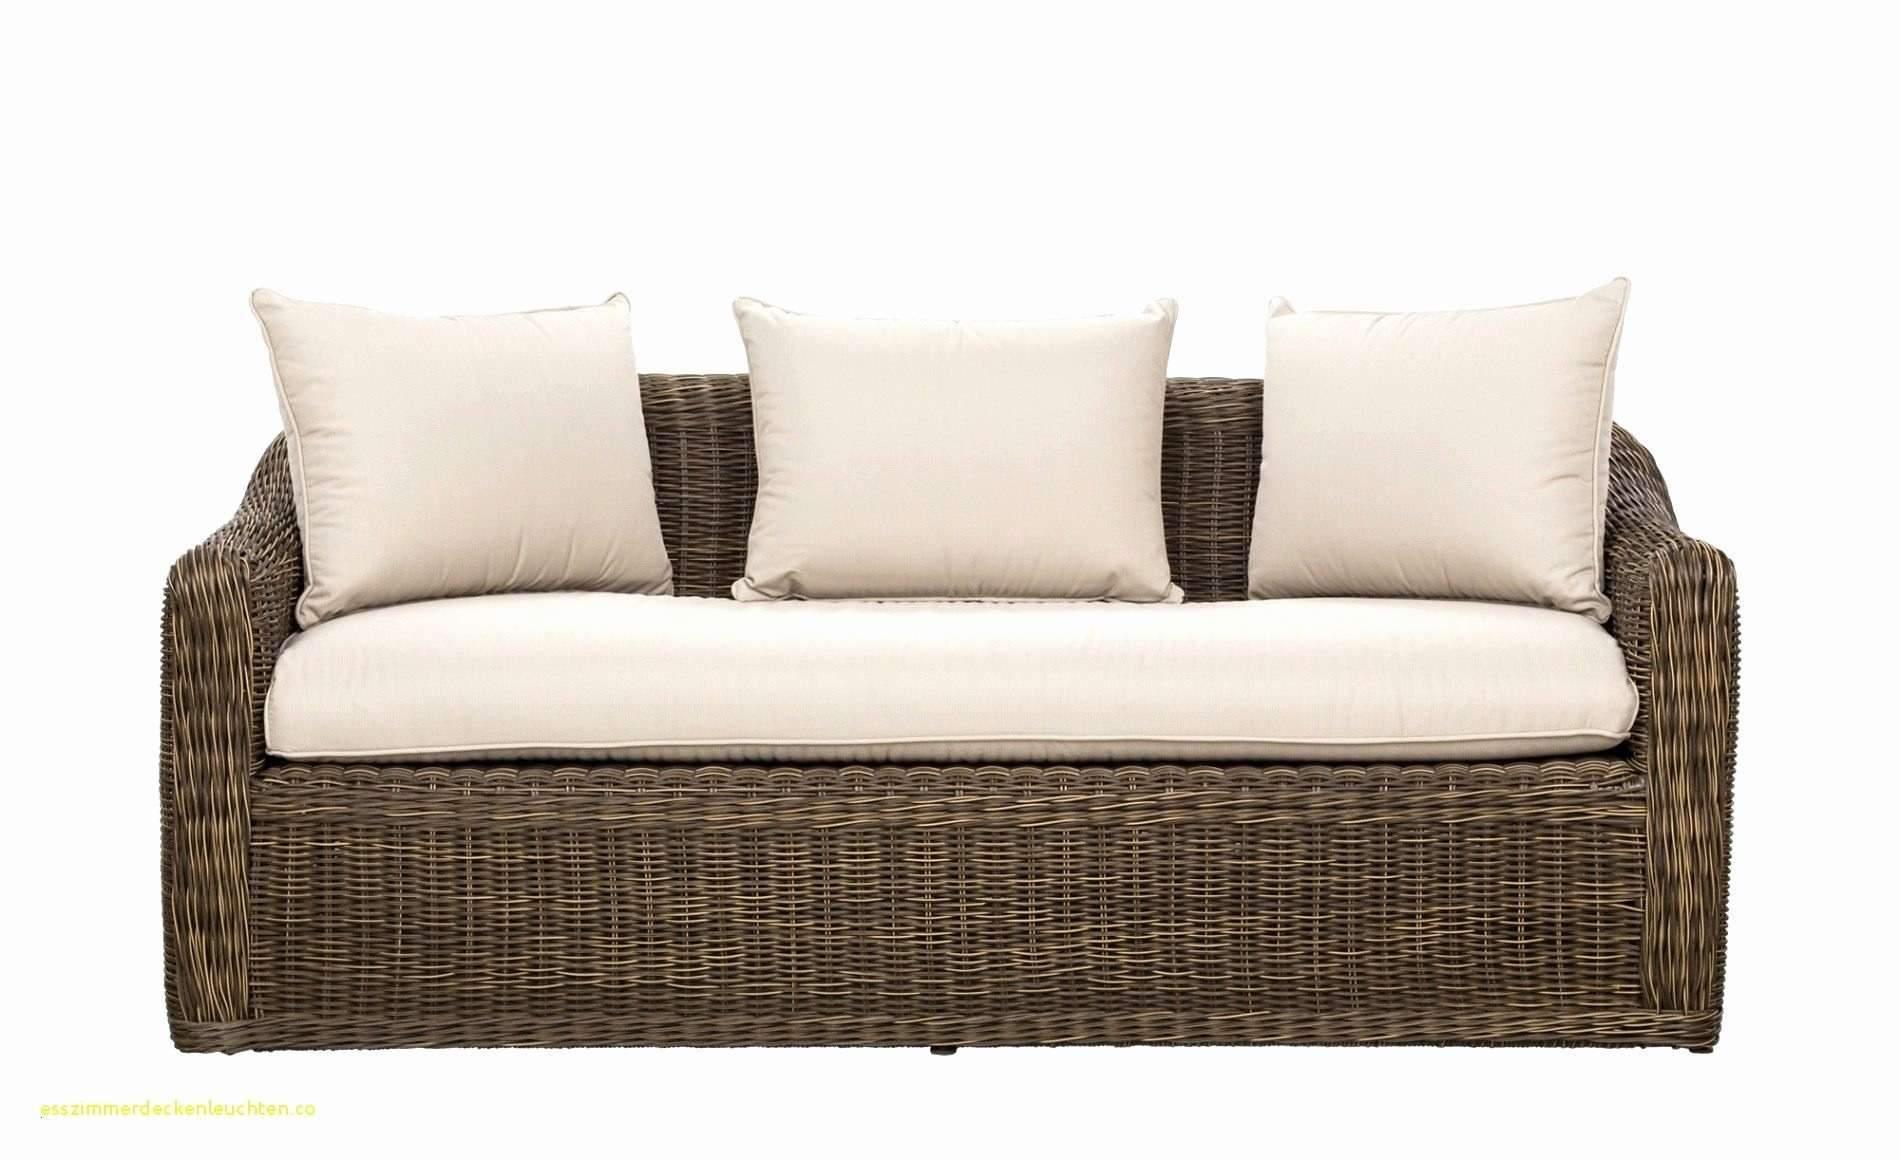 sessel wohnzimmer einzigartig couch klein beste couch neu beziehen best sessel beziehen 0d of sessel wohnzimmer